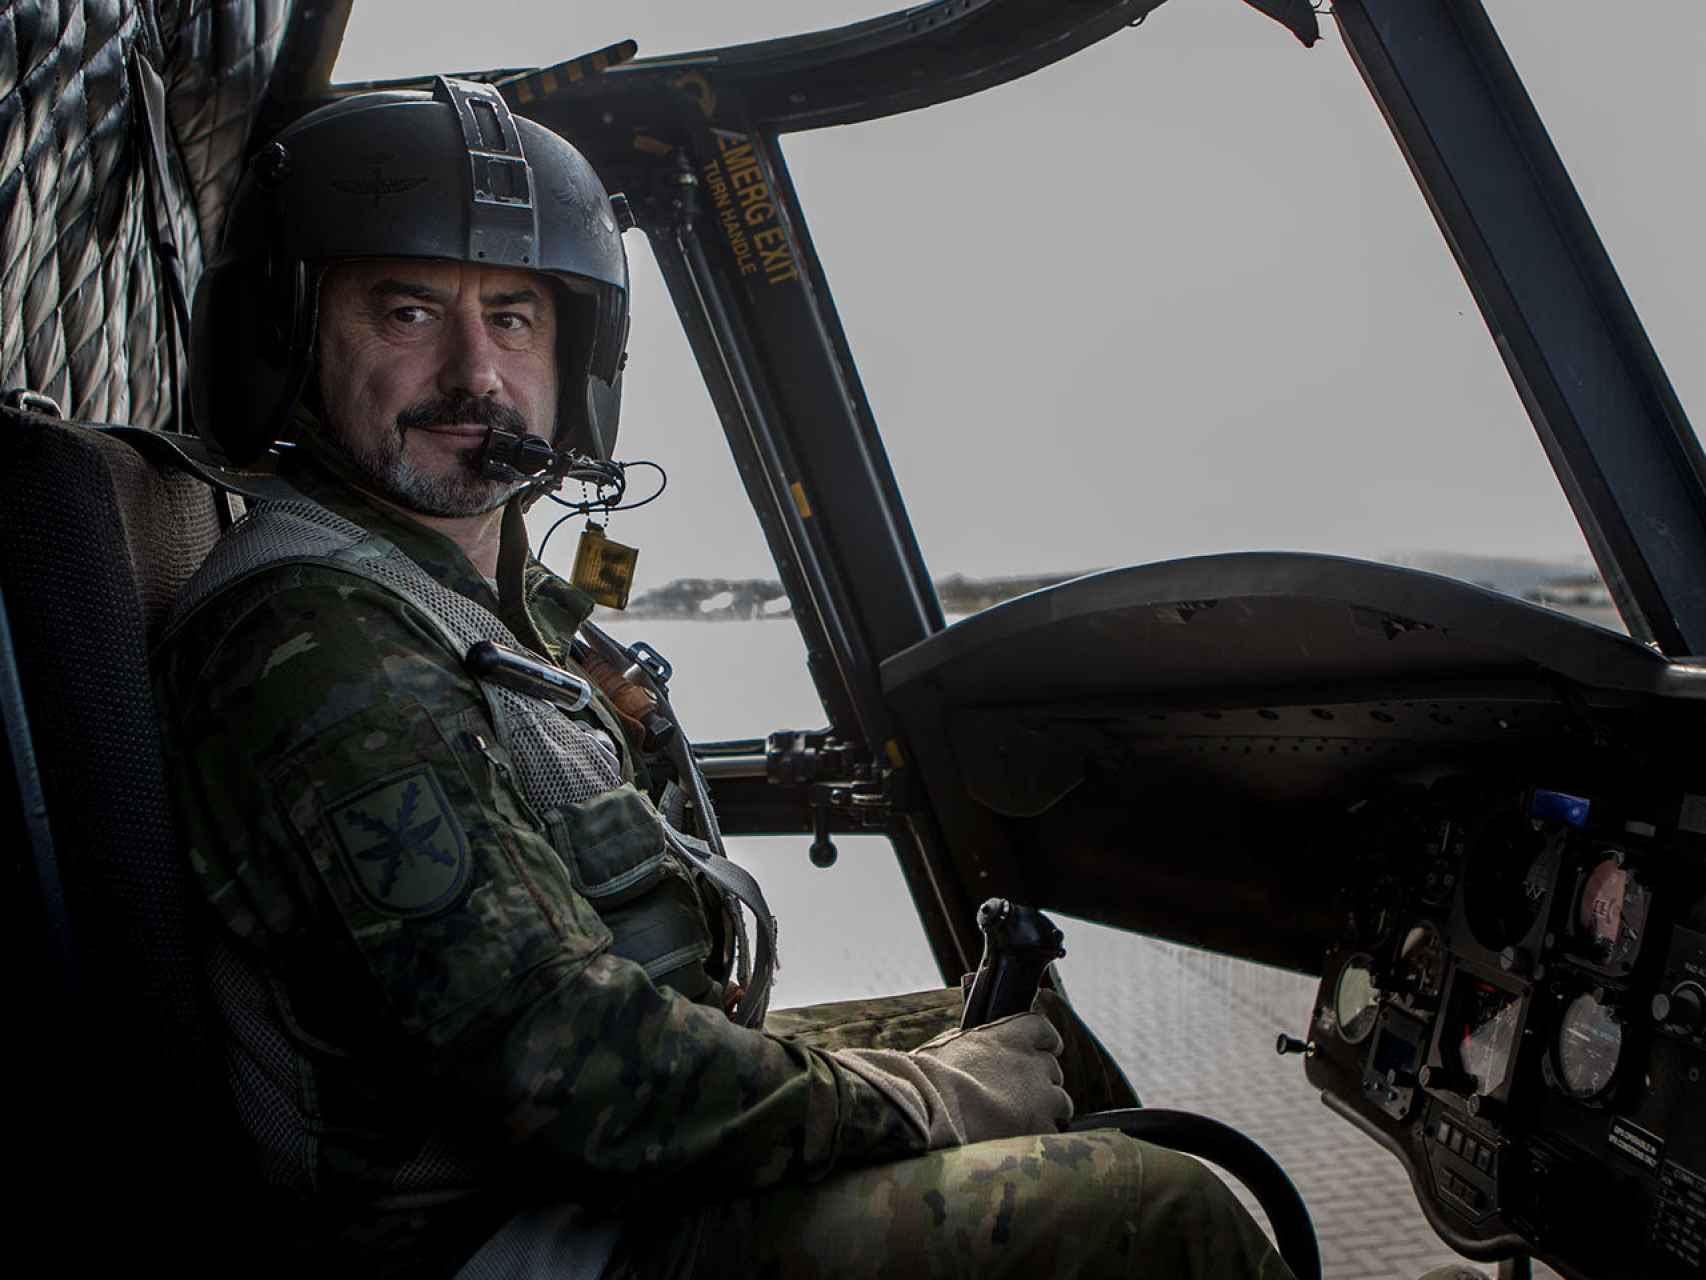 El comandante Barbancho, hoy en día, a los mandos de un helicóptero Chinook.